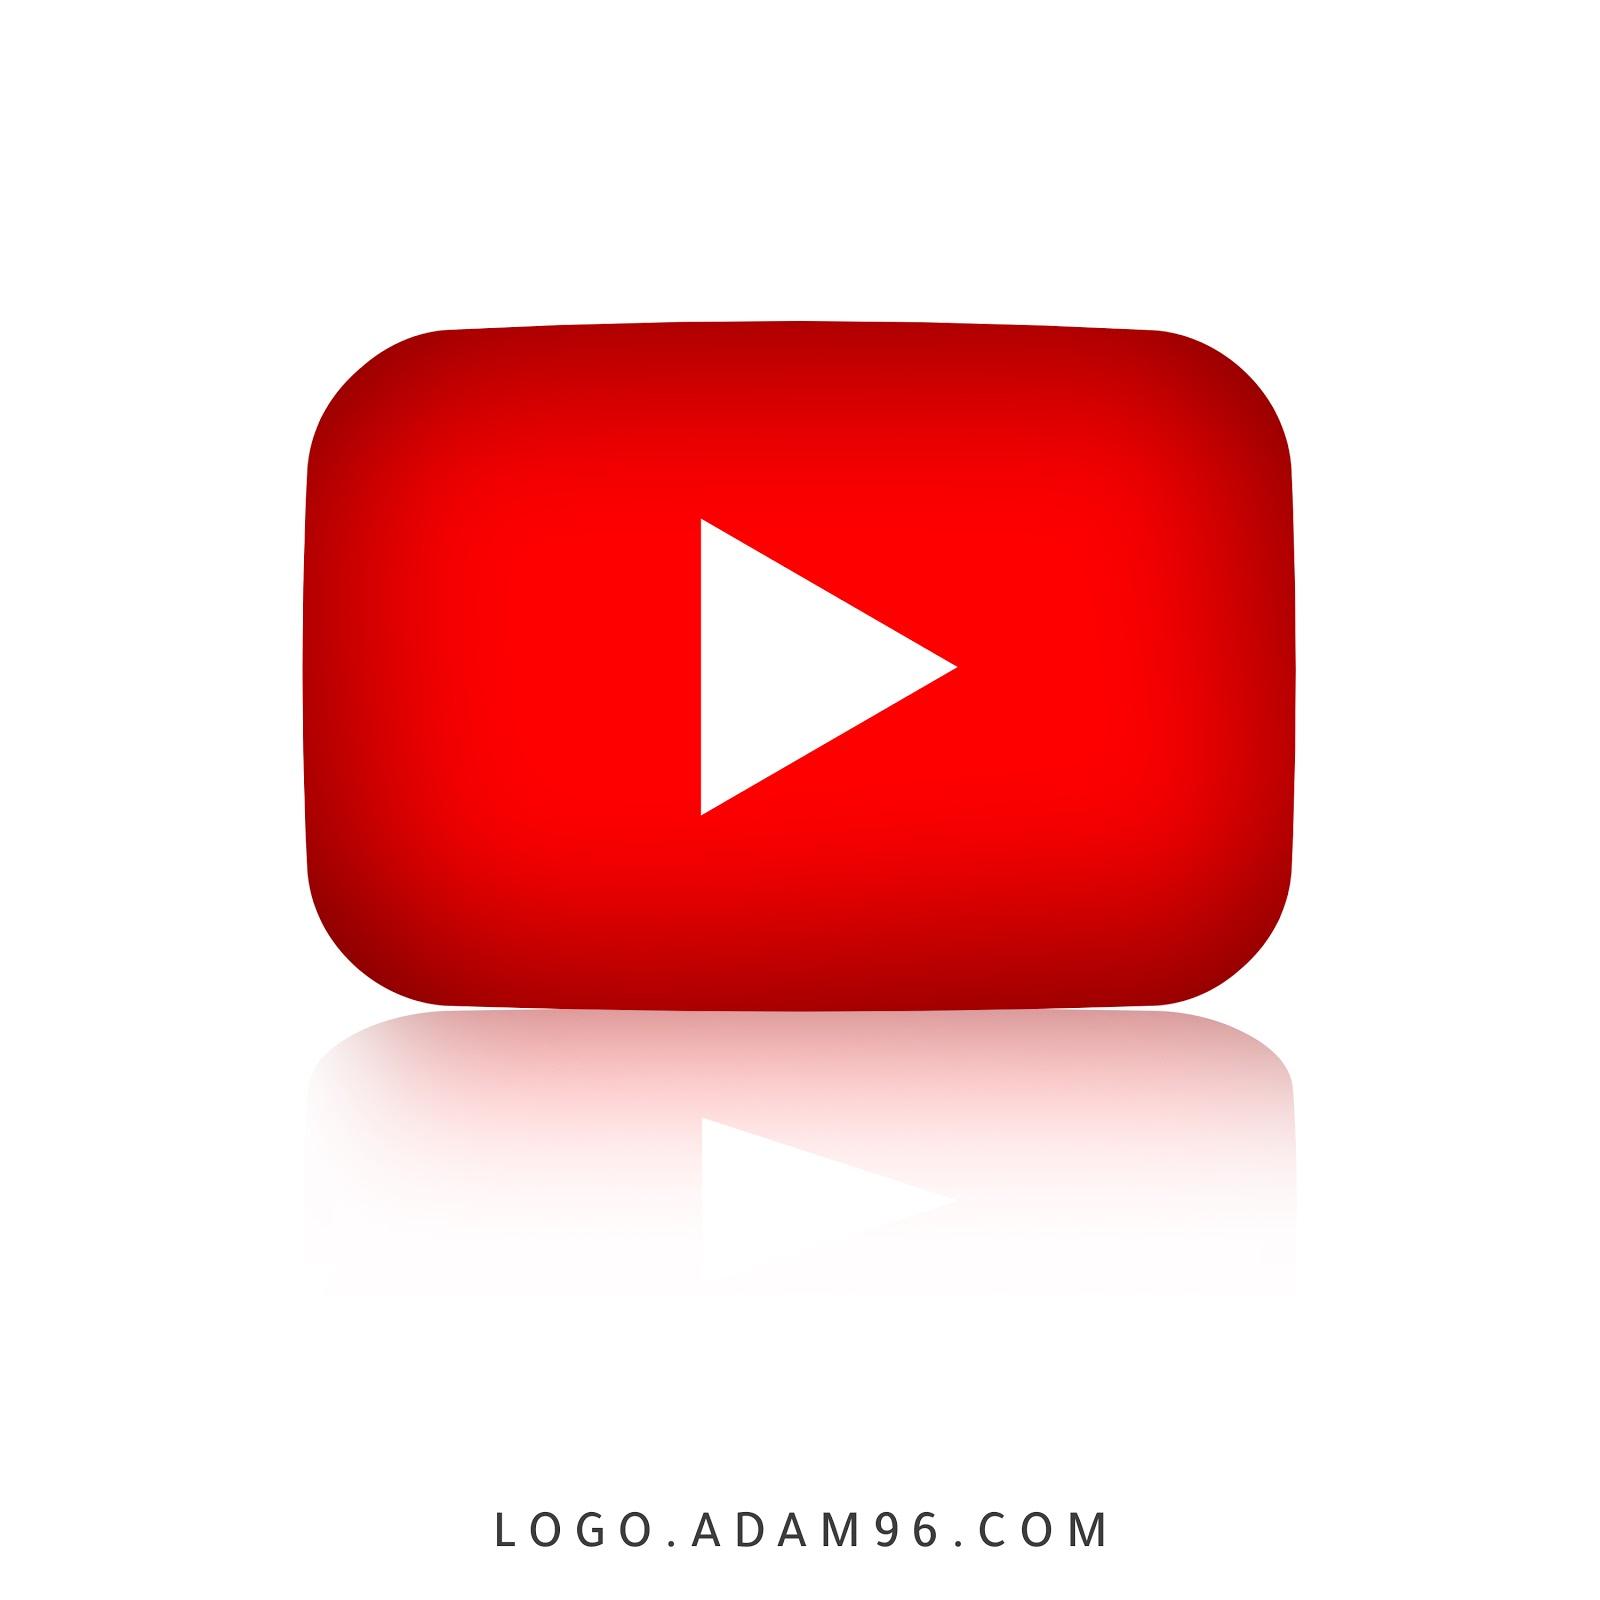 تحميل شعار يوتيوب عالي الجودة | Logo Youtube